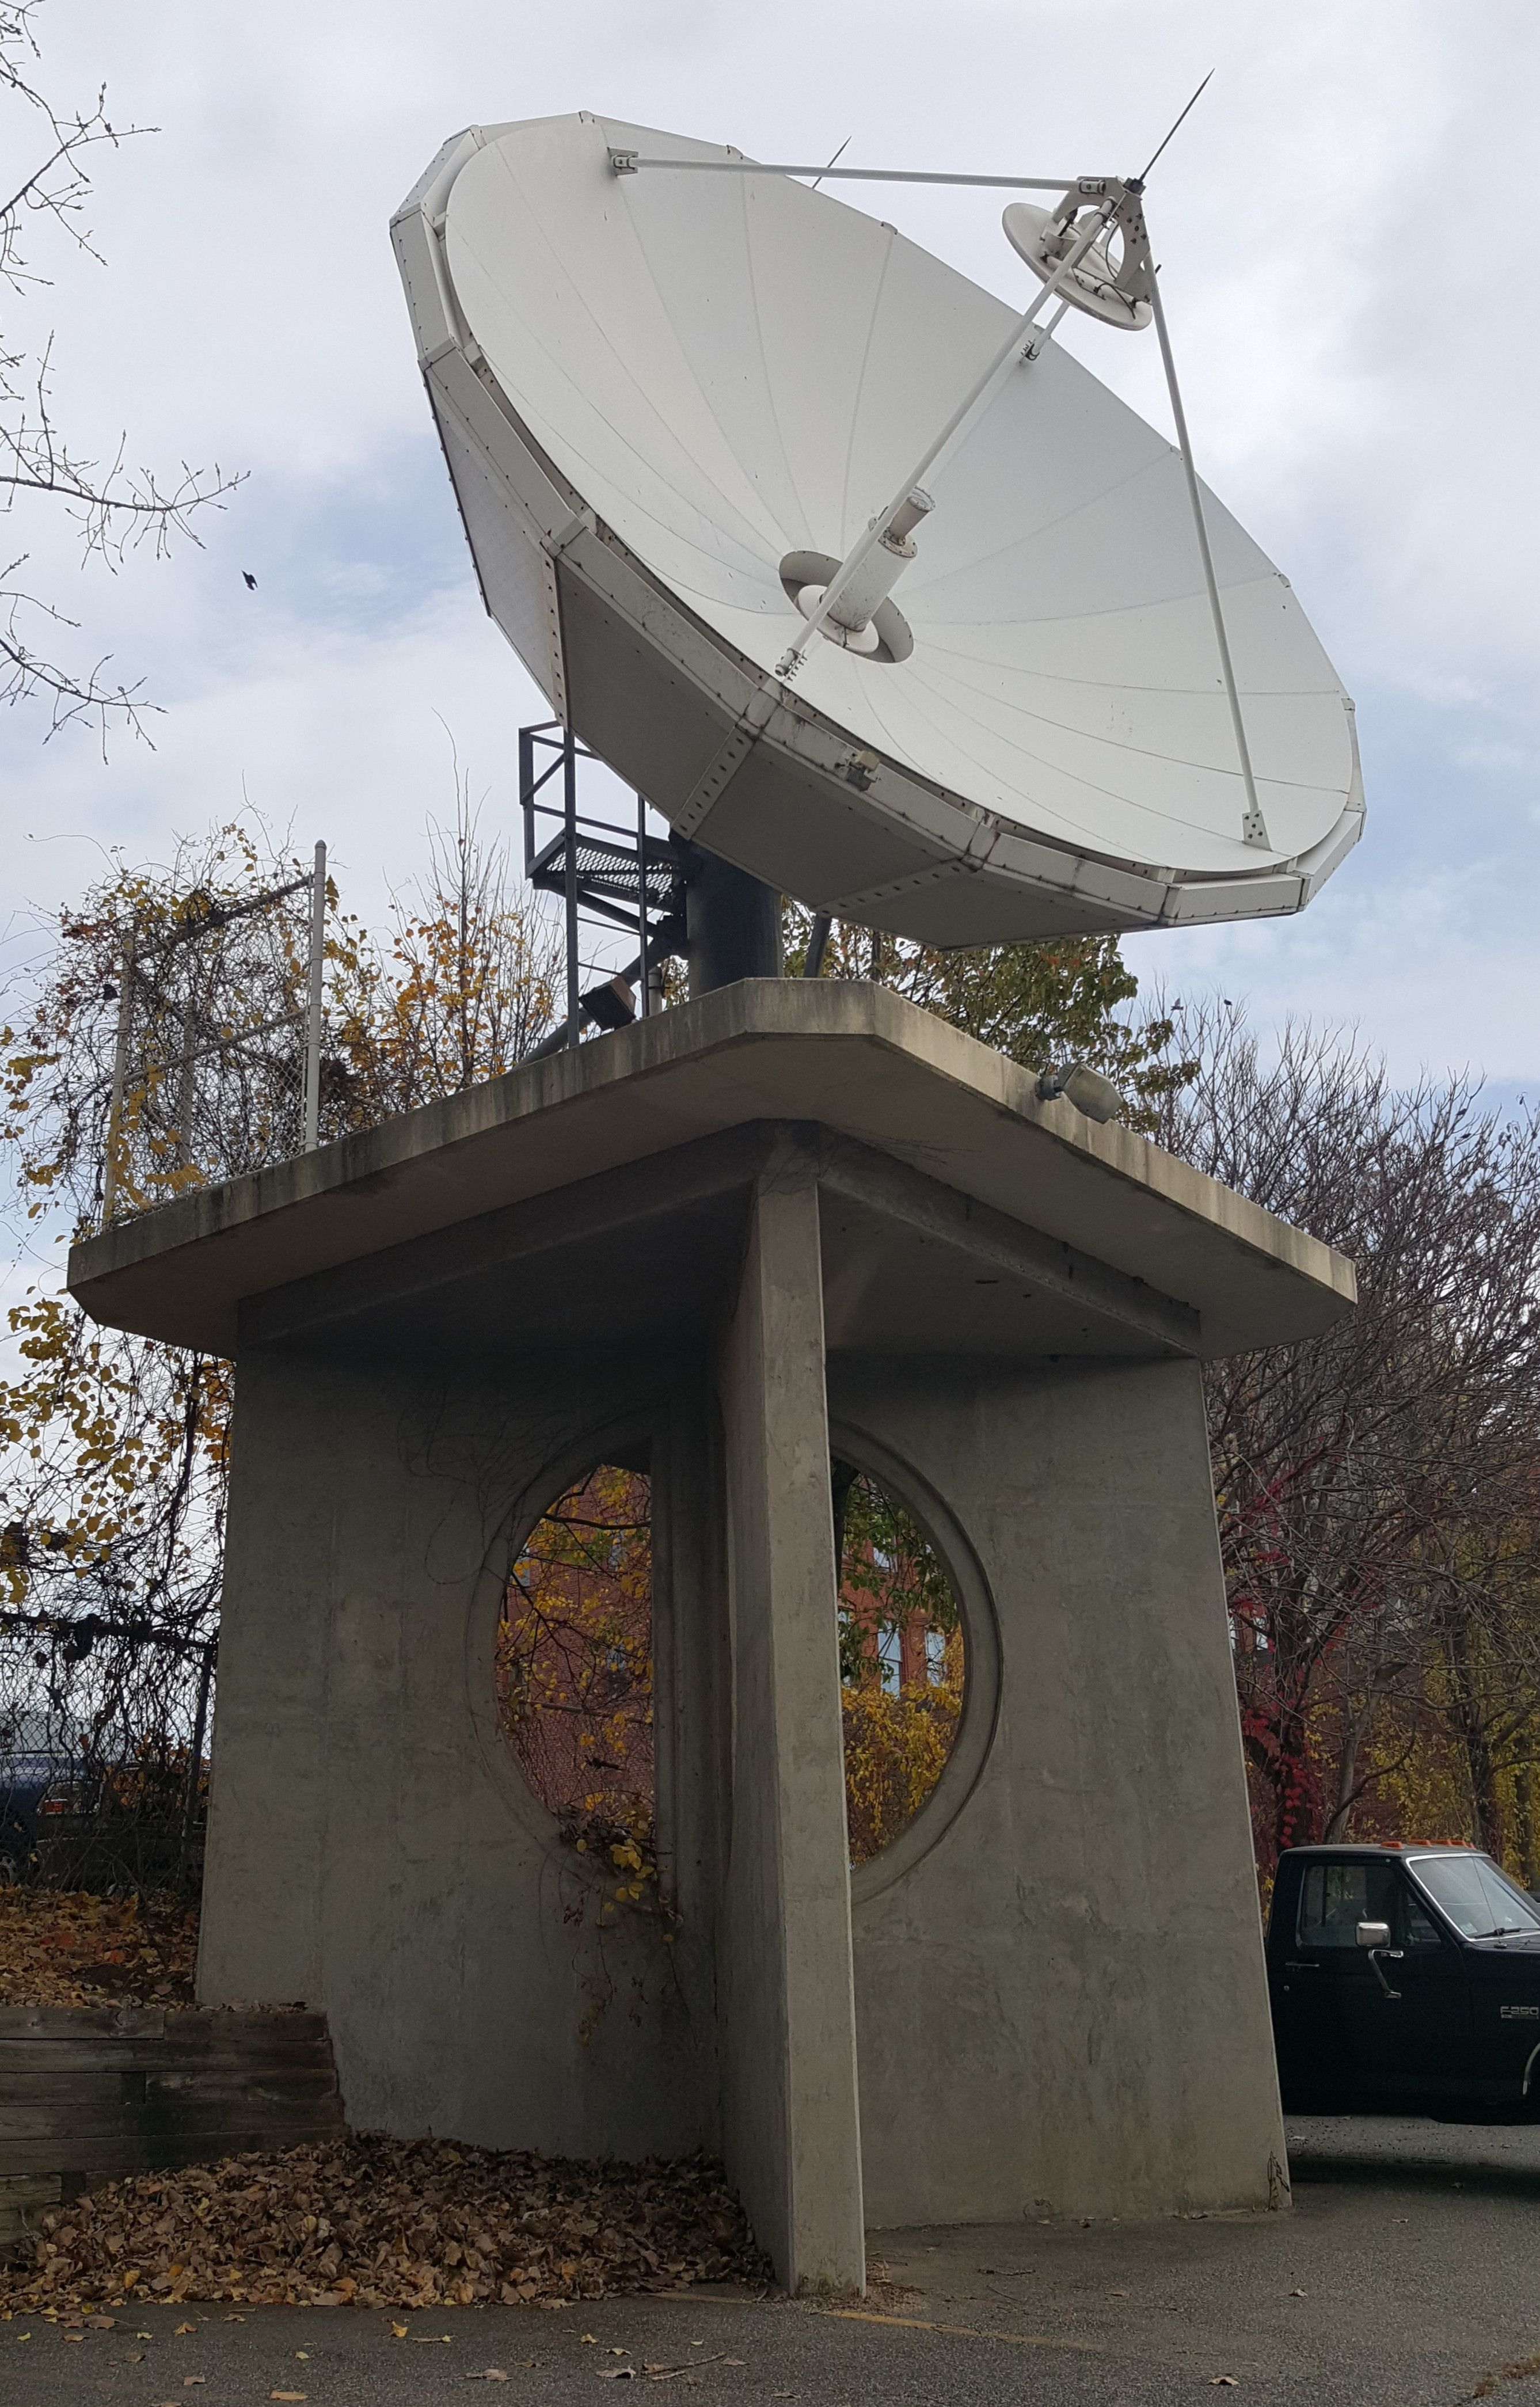 Satellite Dish Springfield MA [2675x4181][OC]